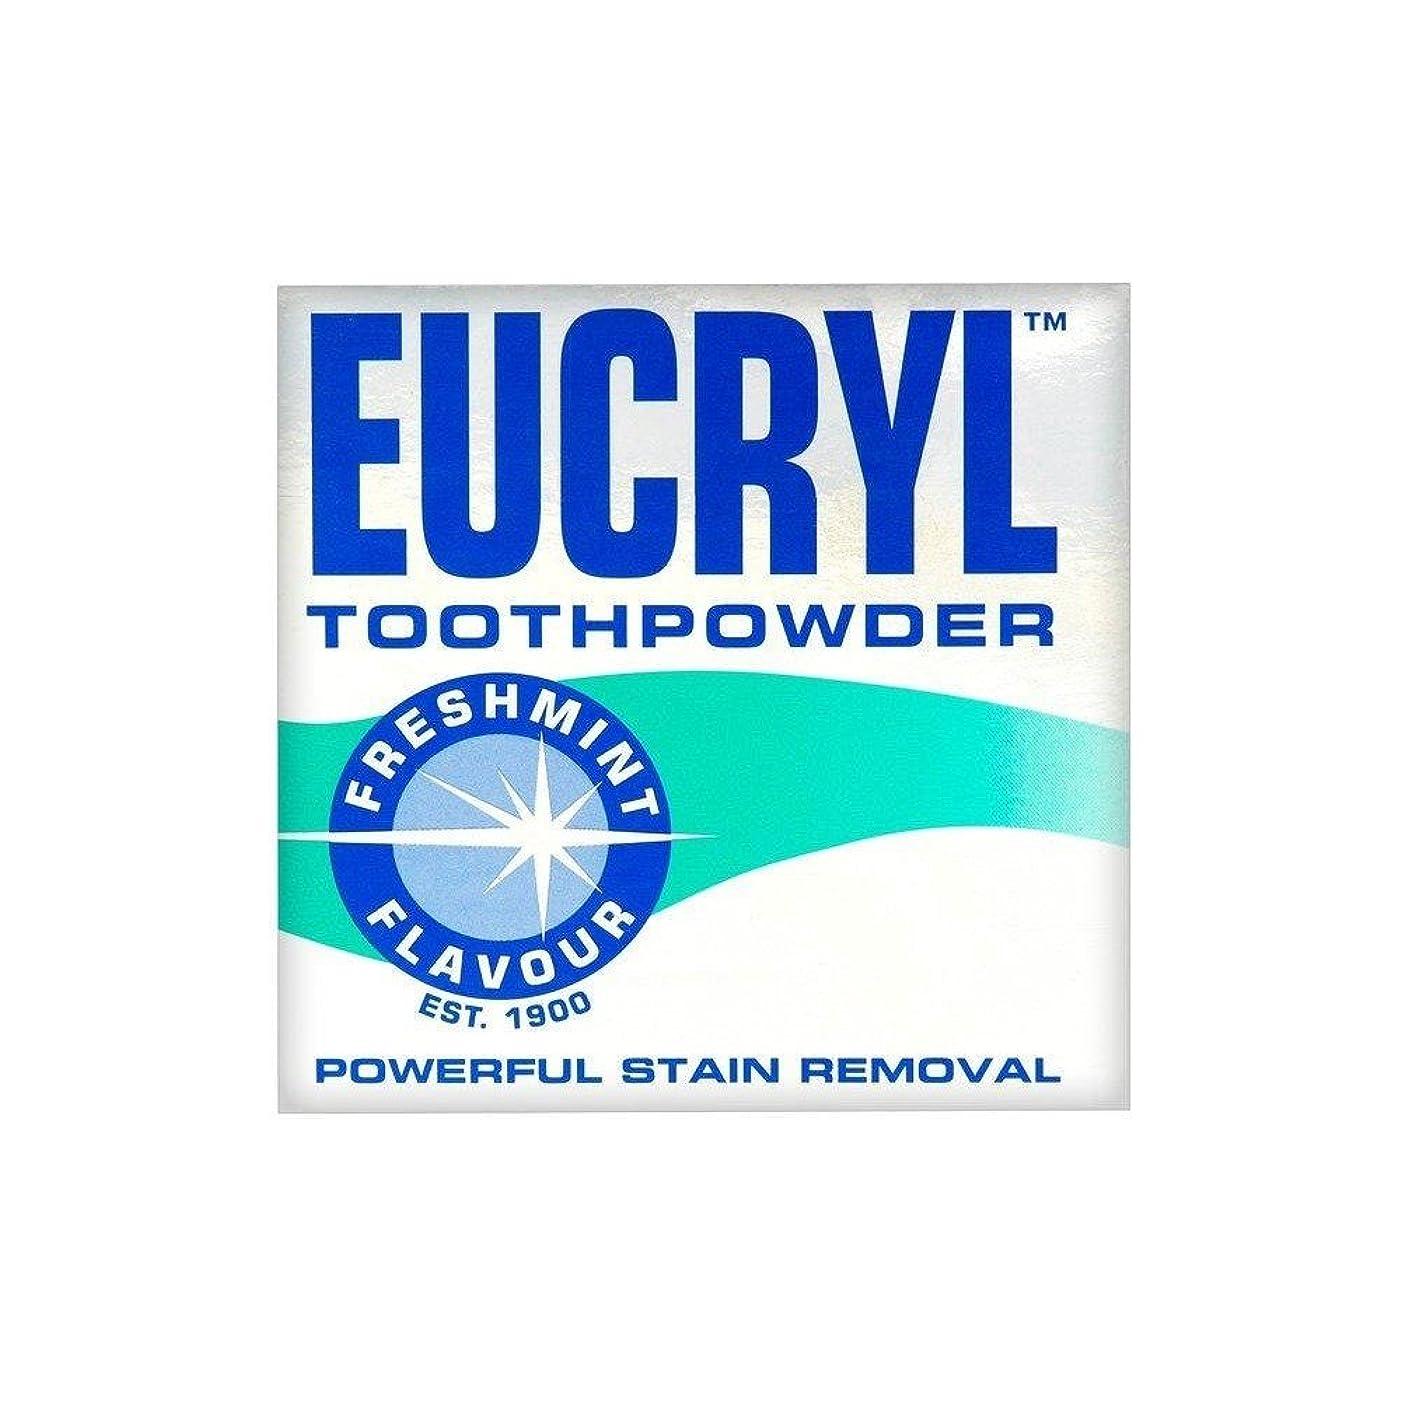 集めるニックネーム放棄されたEucryl Smokers Tooth Powder Freshmint Flavour (50g) Eucryl喫煙者の歯の粉末freshmint風味( 50グラム) [並行輸入品]